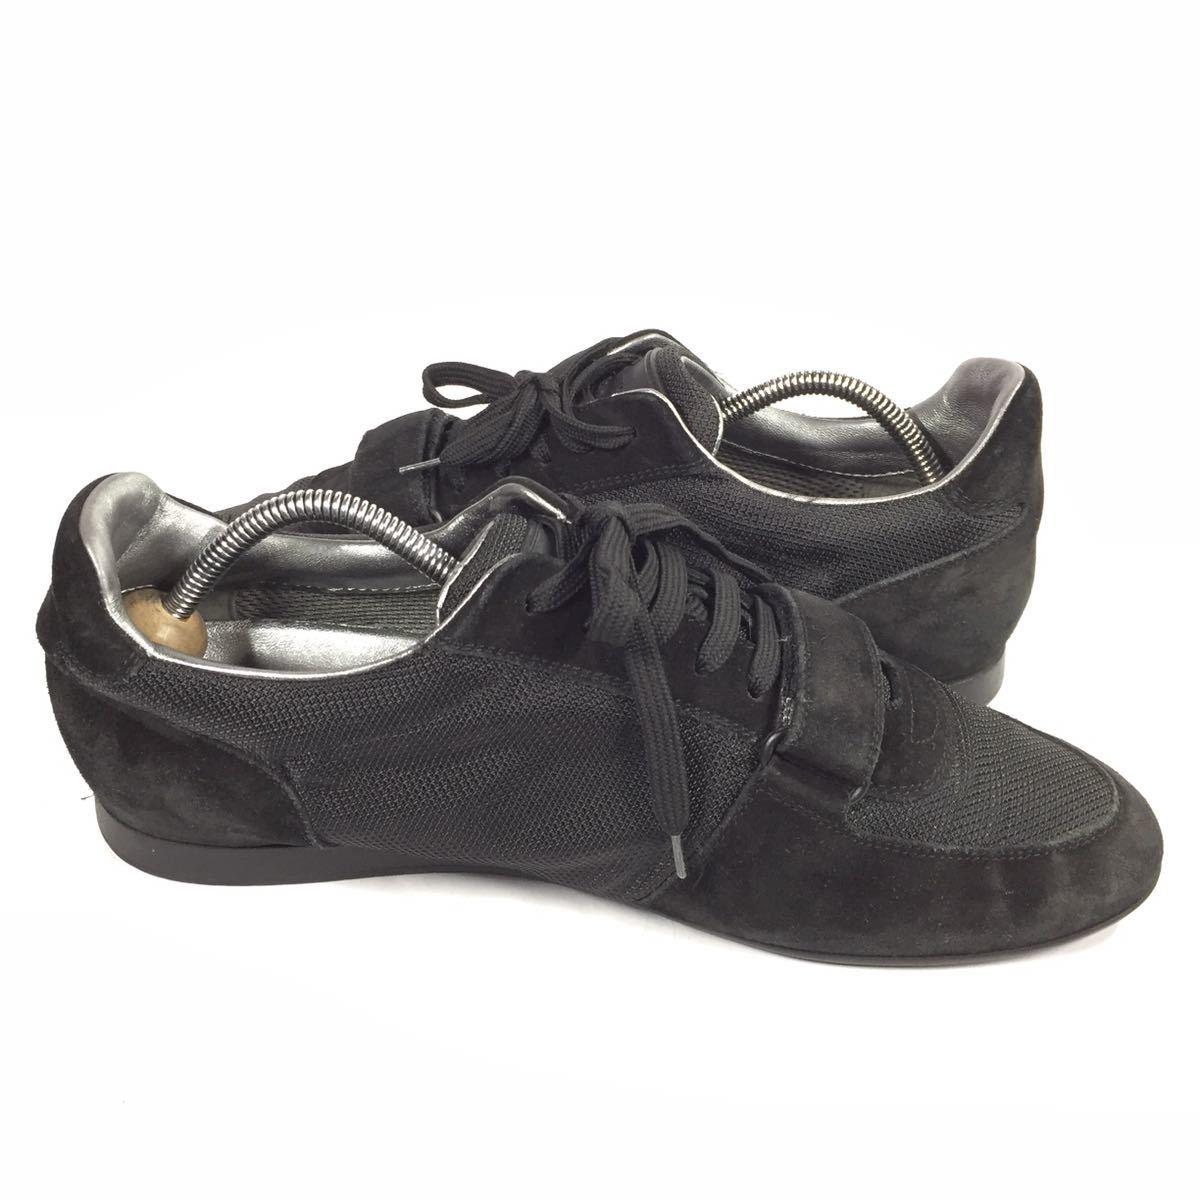 【ルイヴィトン】本物 LOUIS VUITTON 靴 26cm 黒色系 LVロゴ スニーカー カジュアルシューズ スエード 男性用 メンズ イタリア製 7_画像7